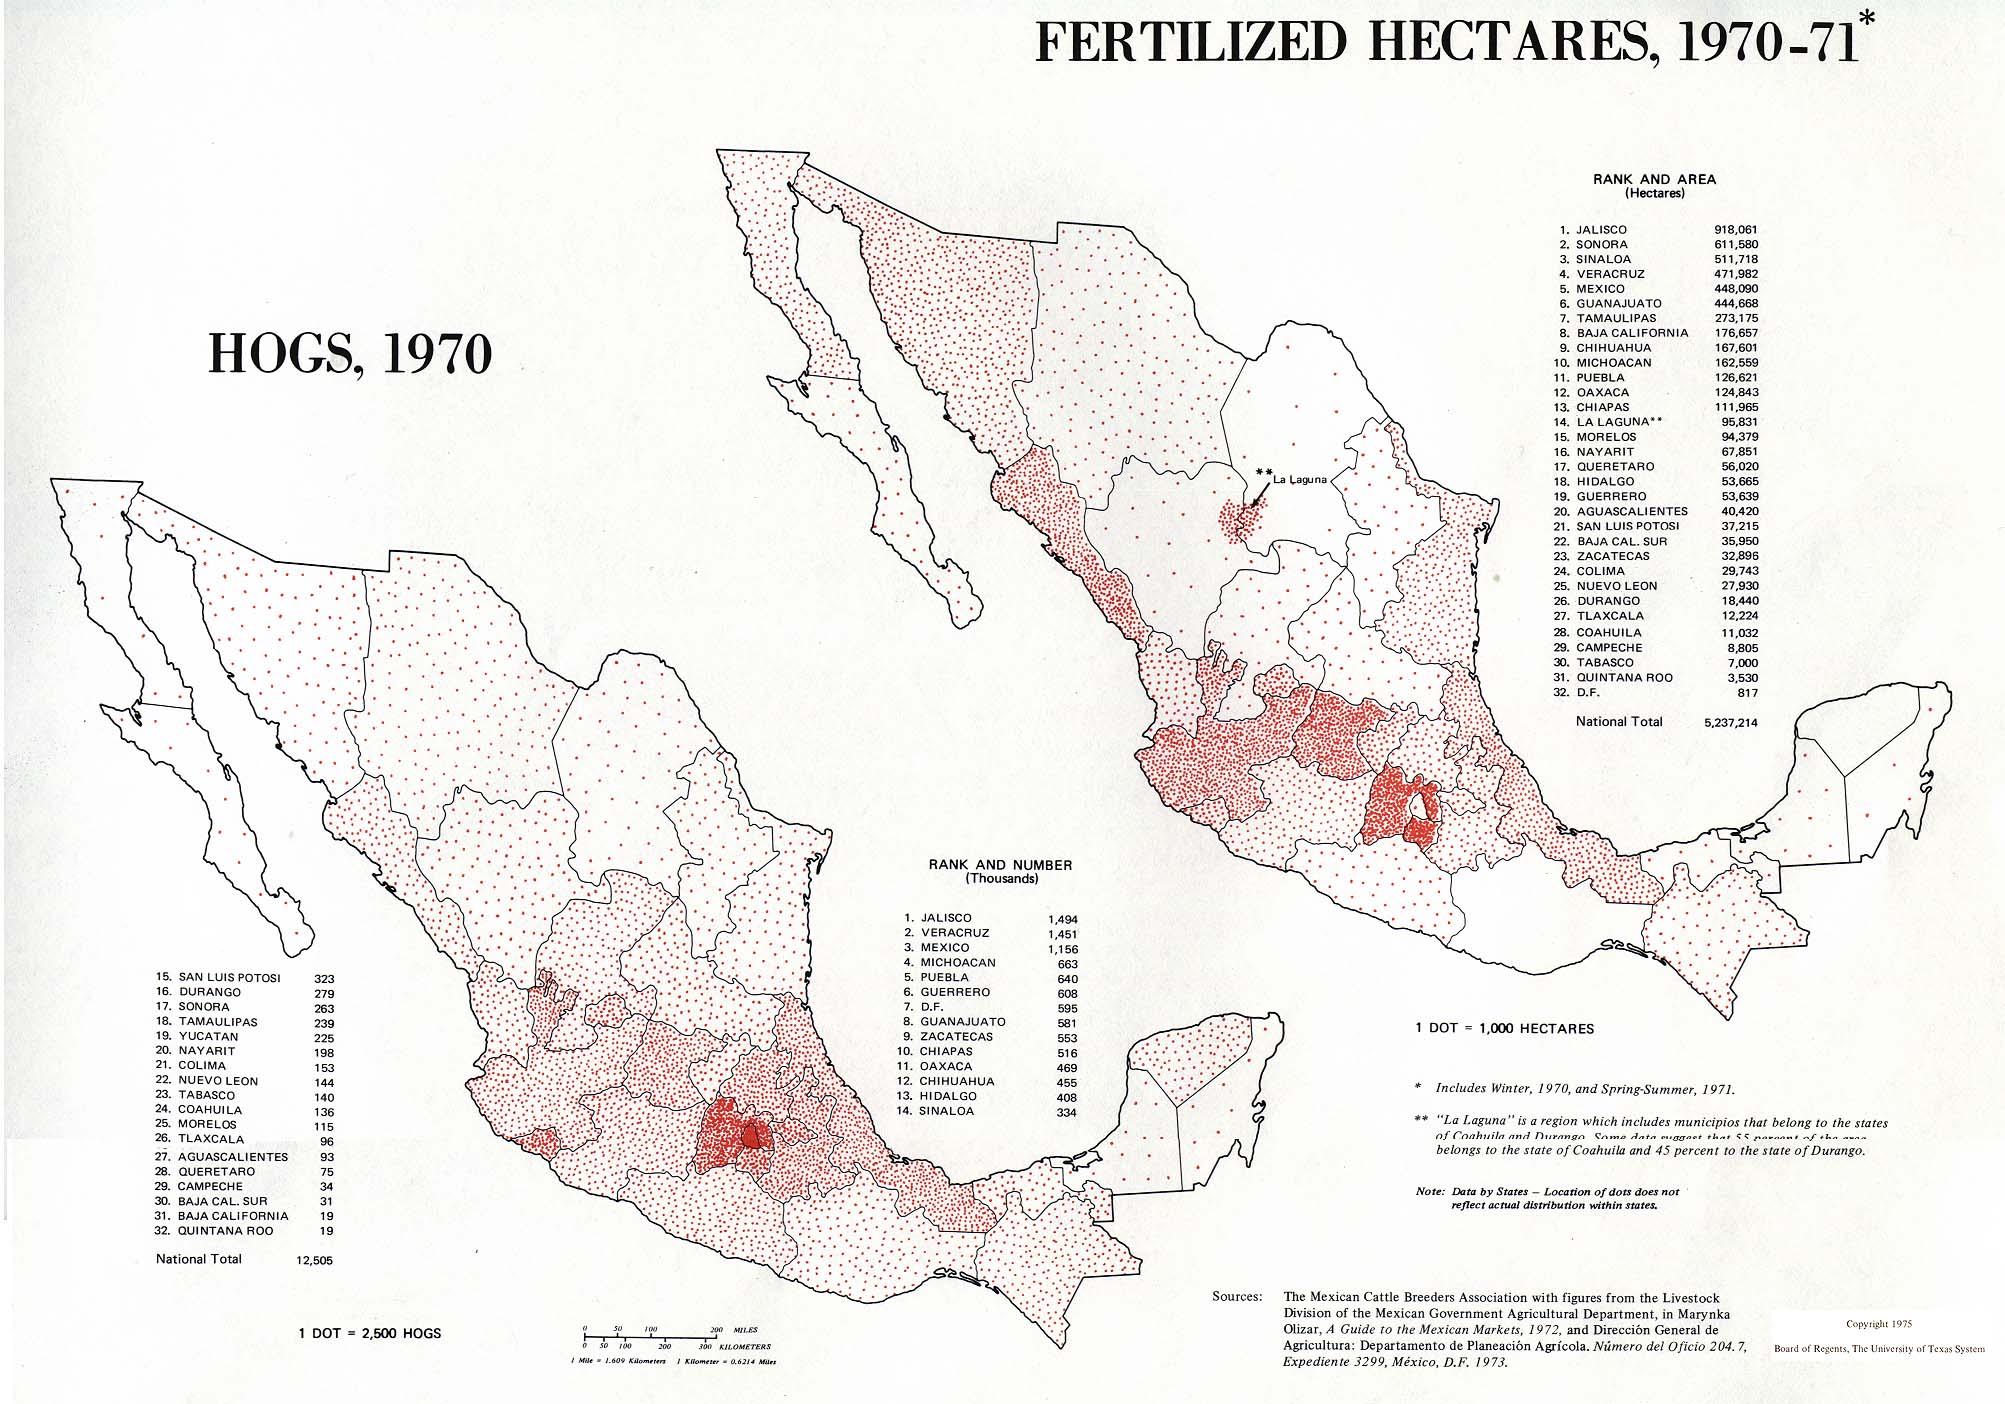 Mapas de la Producción de Cerdos y de Hectáreas Fertilizadas, México 1970 - 1971